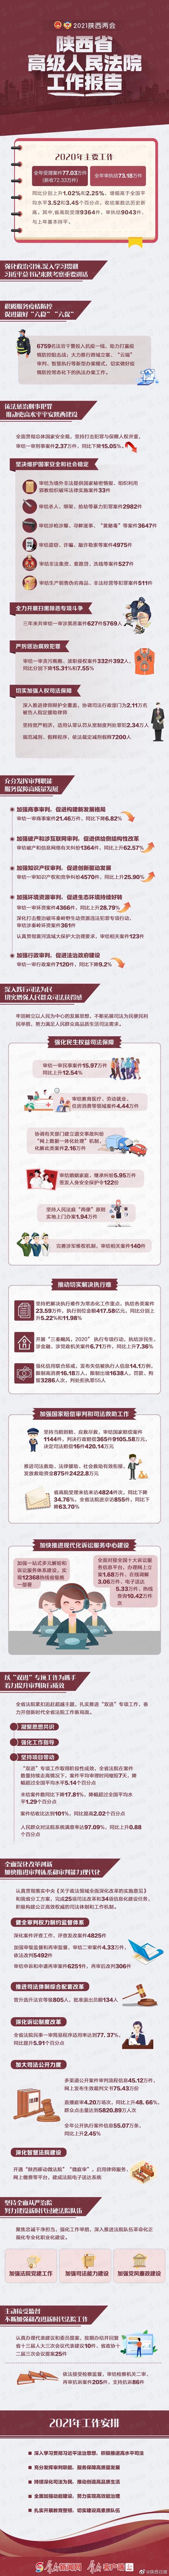 一图速览陕西省高级人民法院工作报告